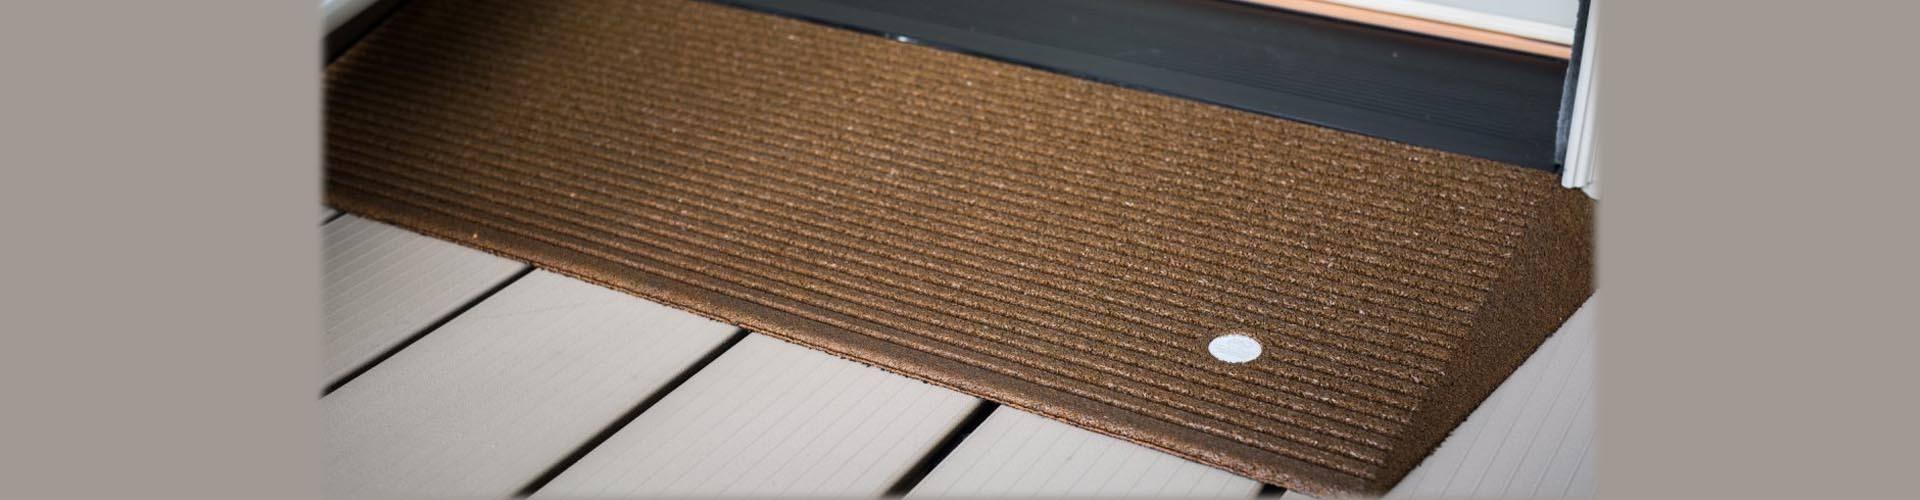 rubber entry ramp mat